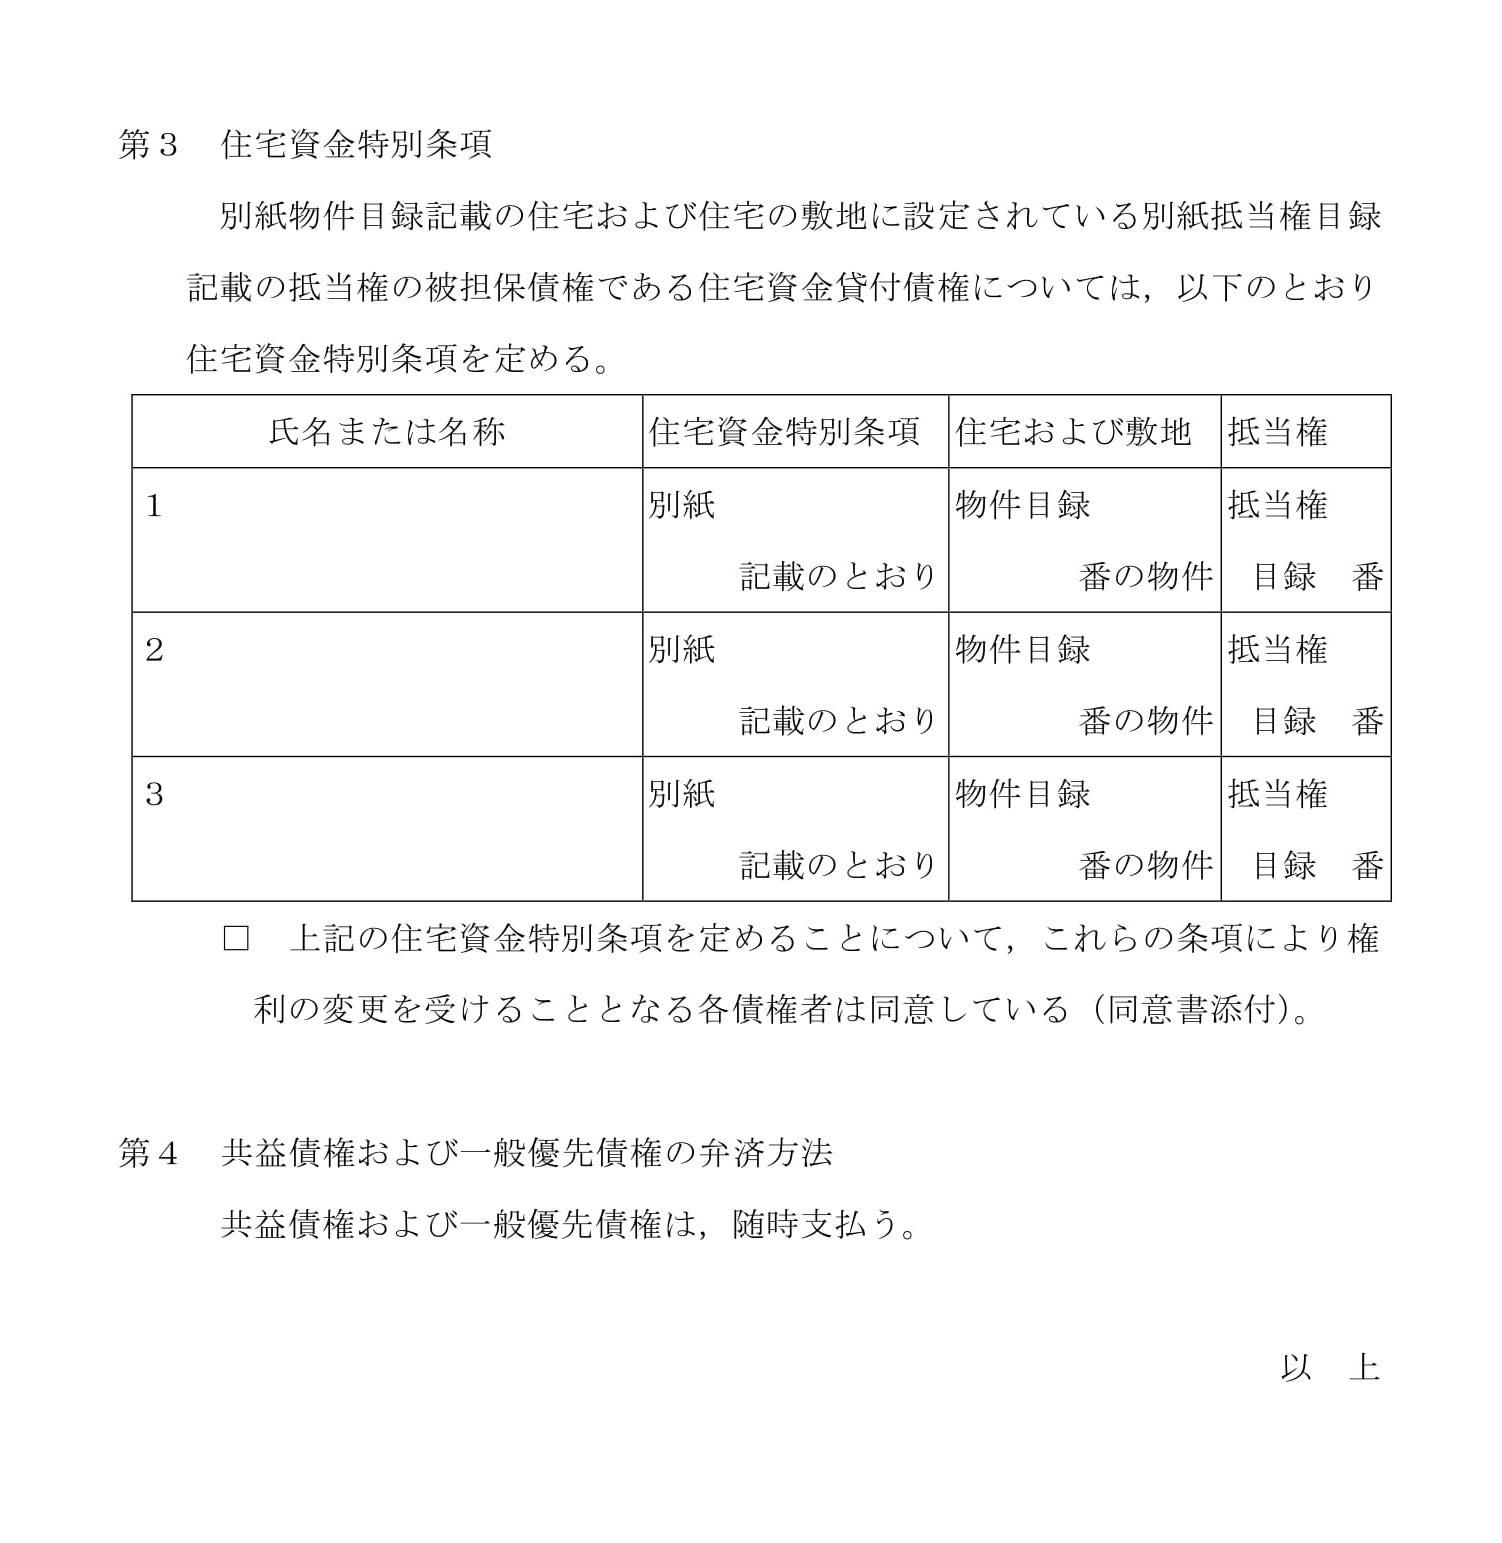 会員登録不要で無料でダウンロードできる再生計画案05-2のテンプレート書式